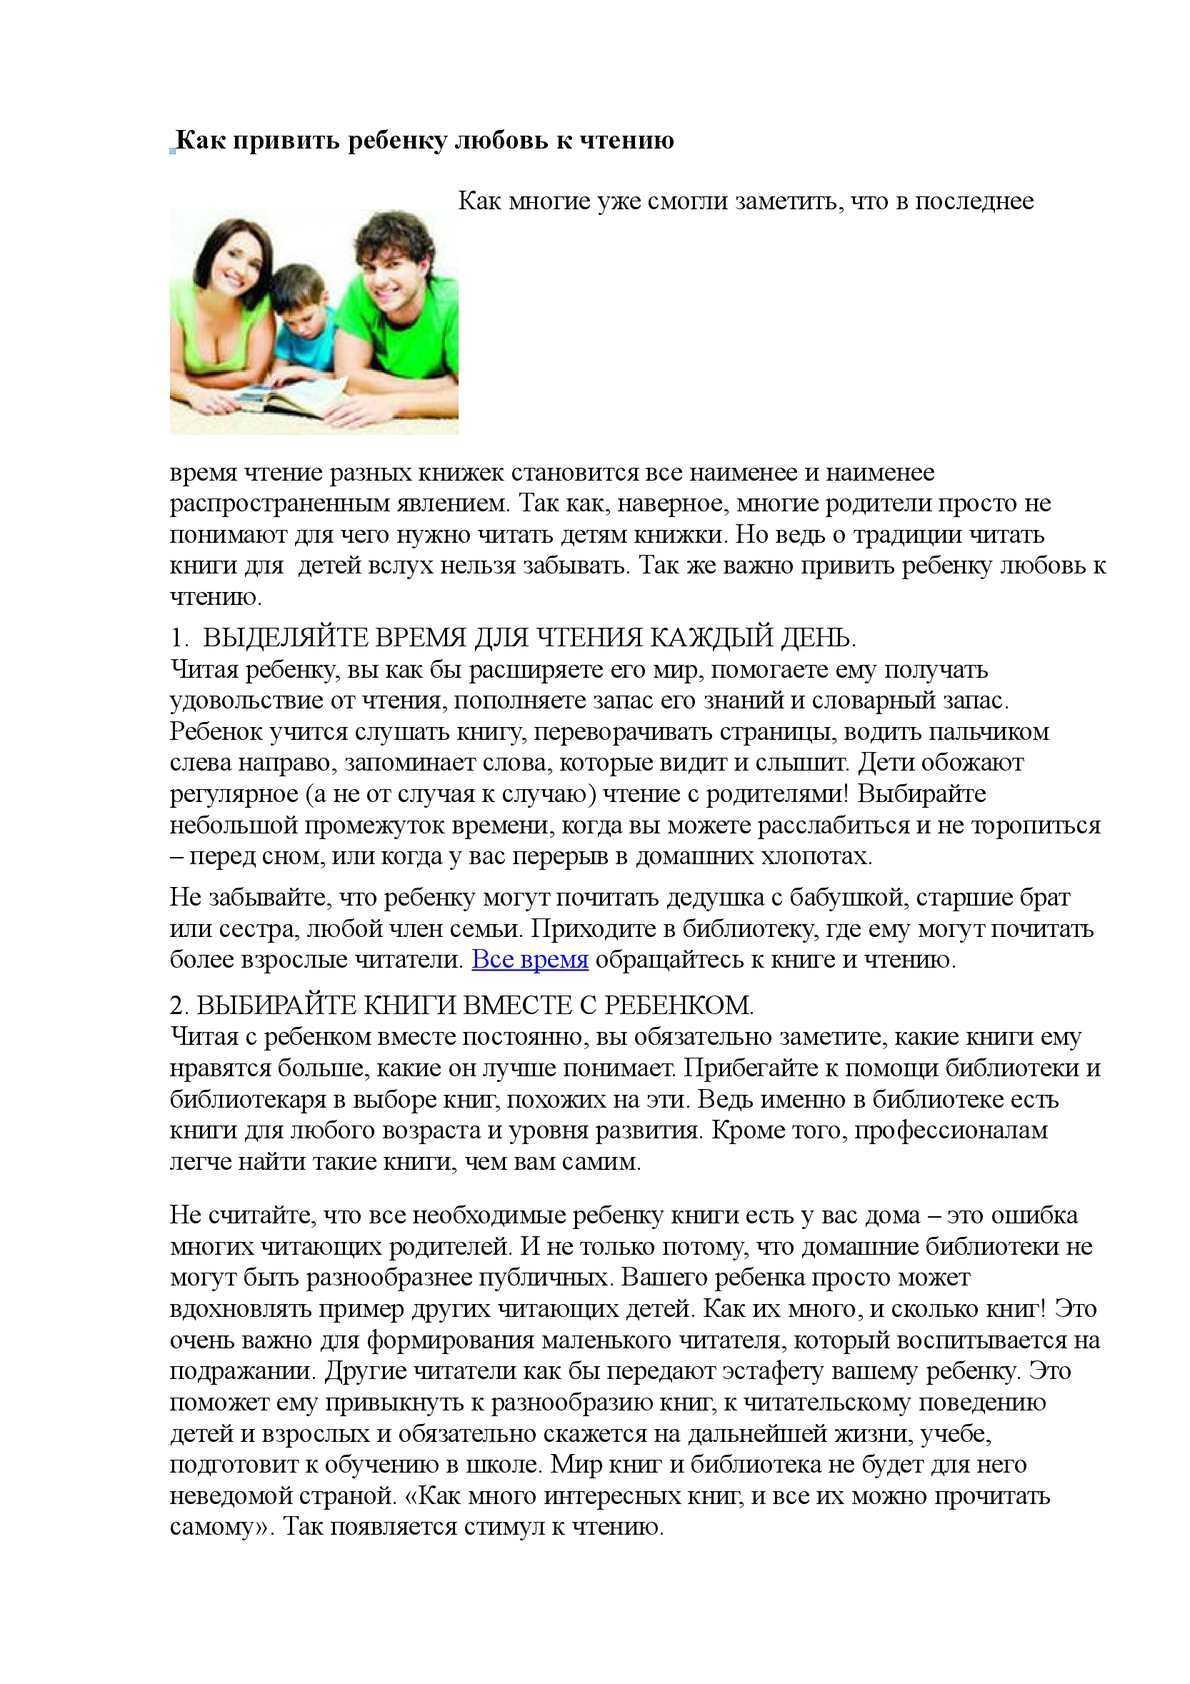 Менчикова лариса  | как привить любовь  к чтению | журнал «начальная школа» № 12/2009